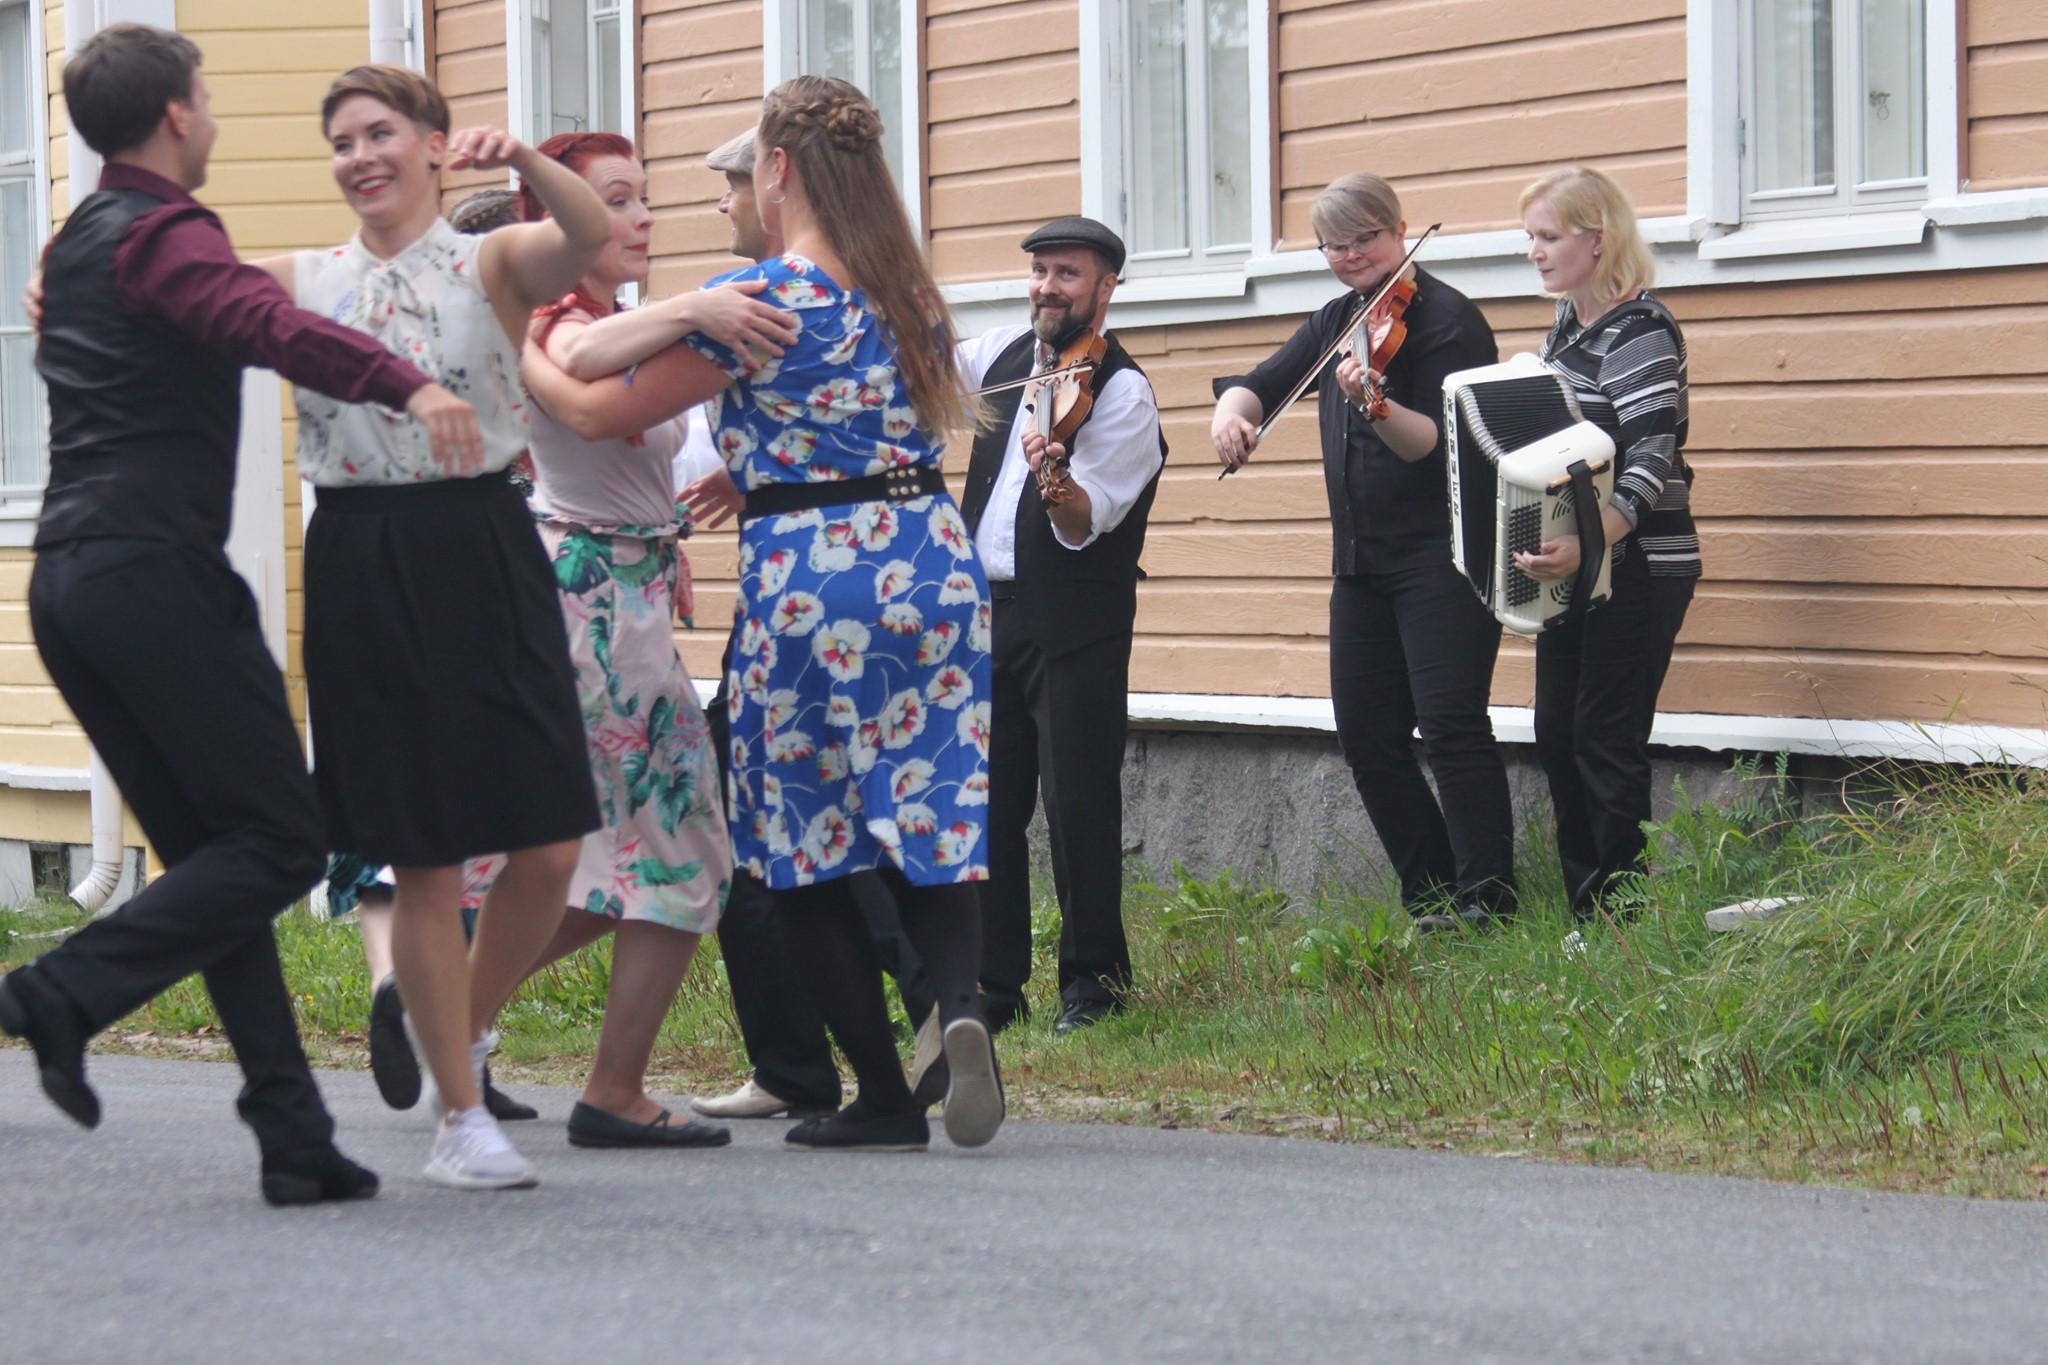 Tanssimania 2019: Elävän perinnön klinikka •  Suomen Nuorisoseurat ry / Pispalan Sottiisi